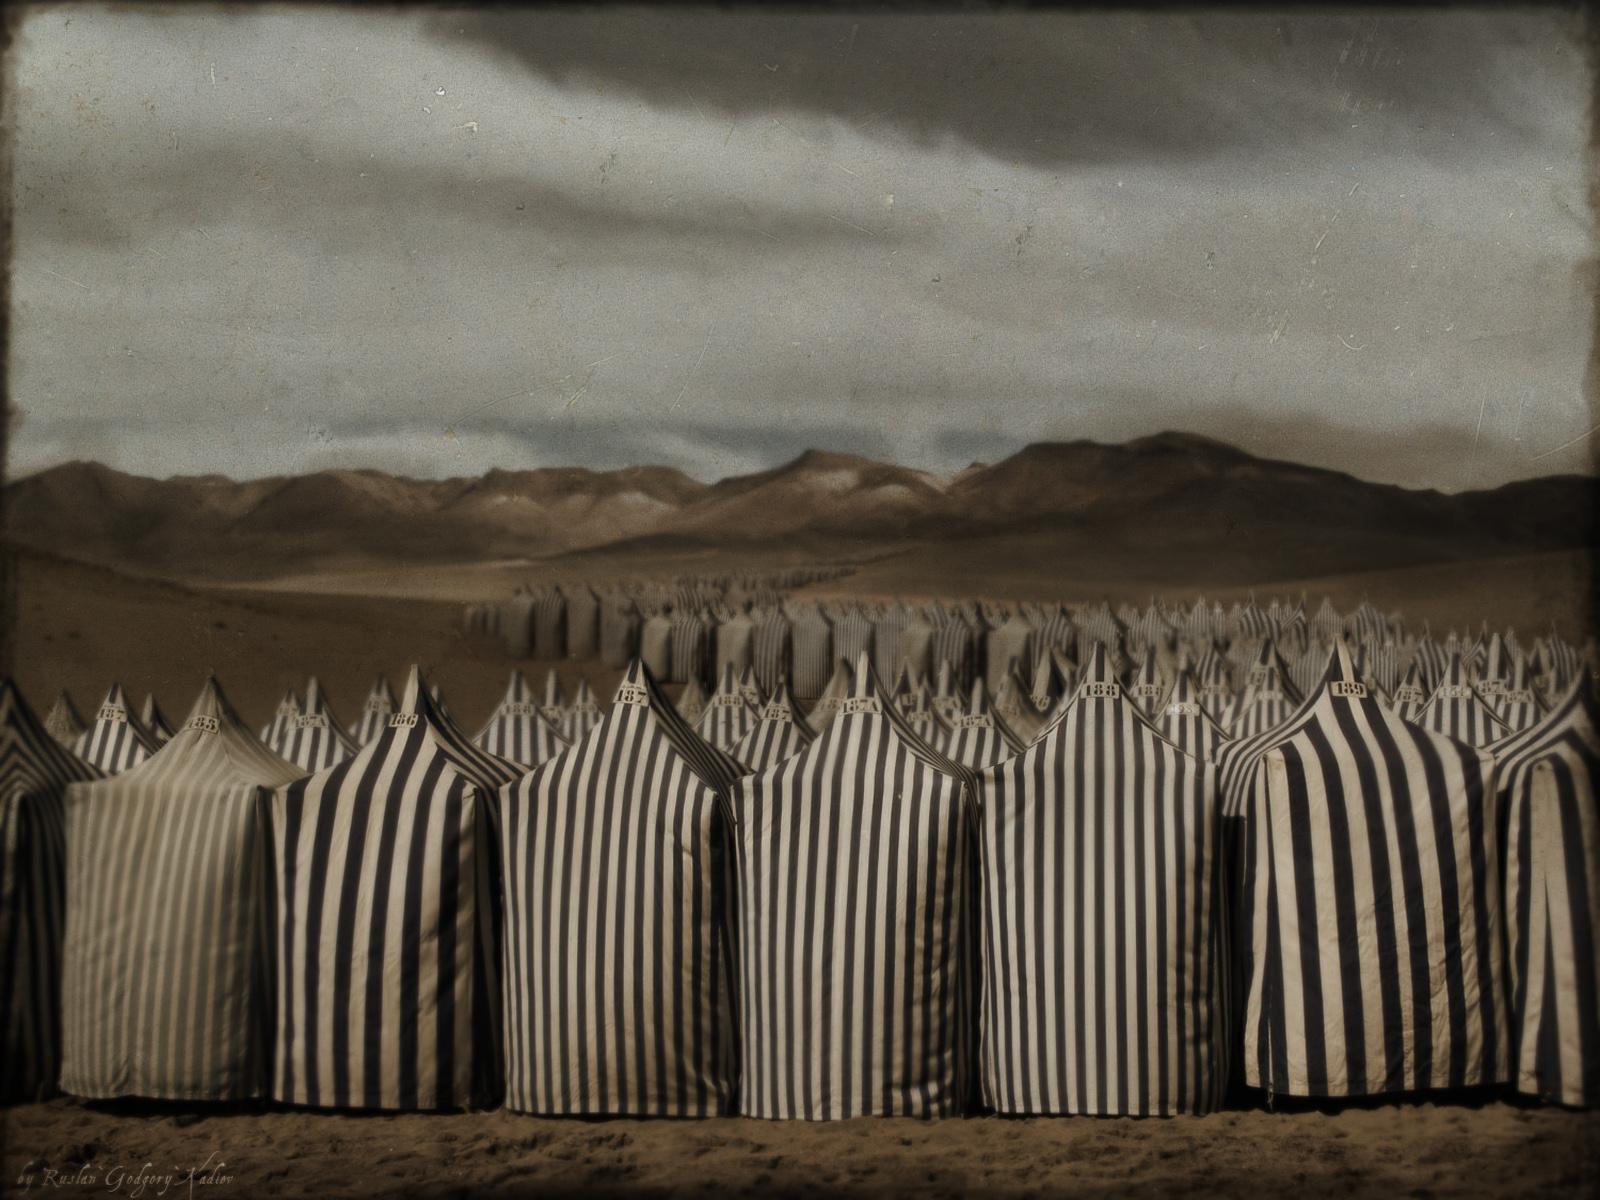 Pandemonium by RuslanKadiev